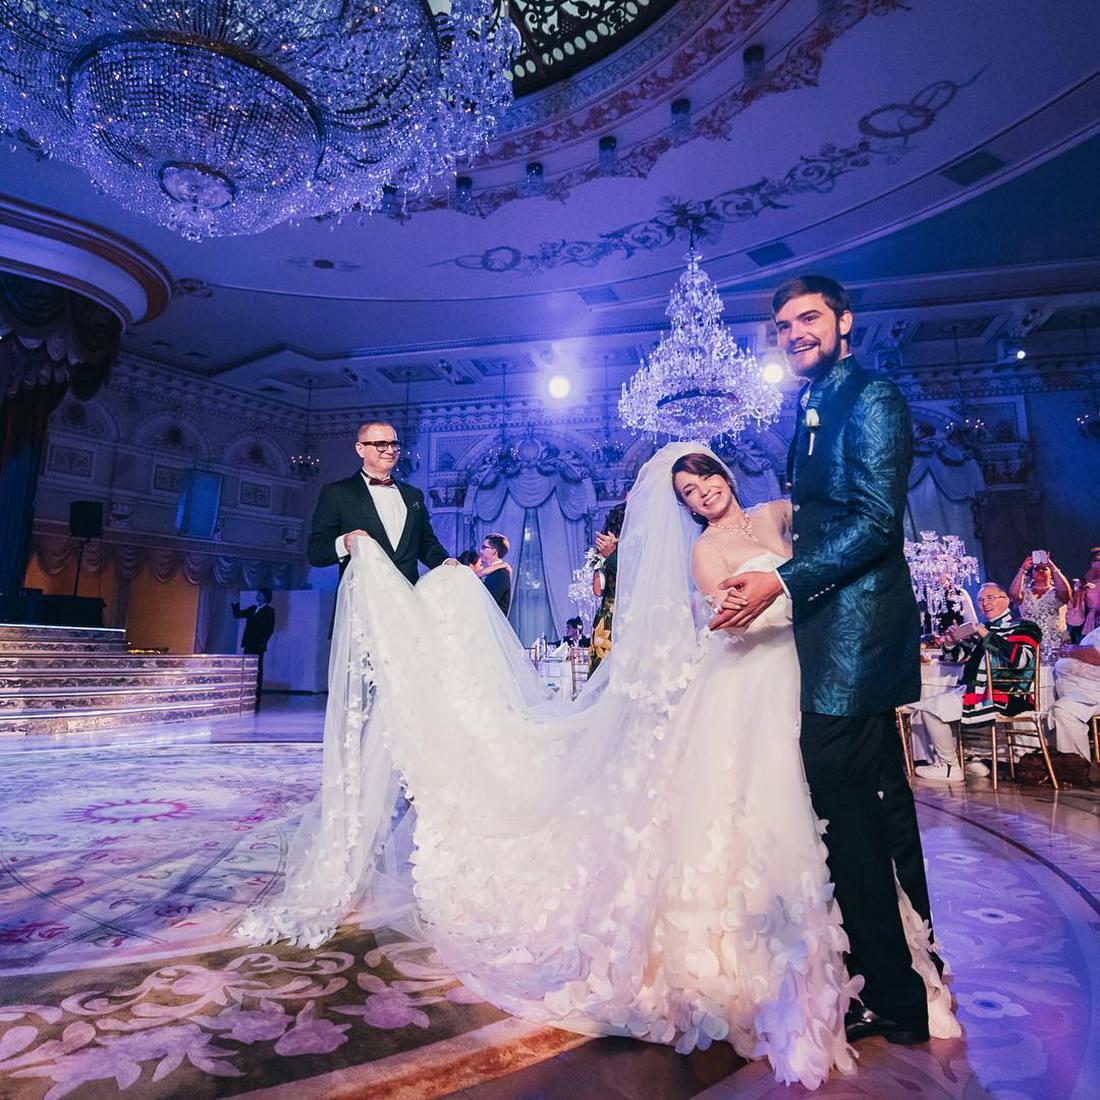 34EQ4ImpPqQ - Свадьба Большая или Маленькая?